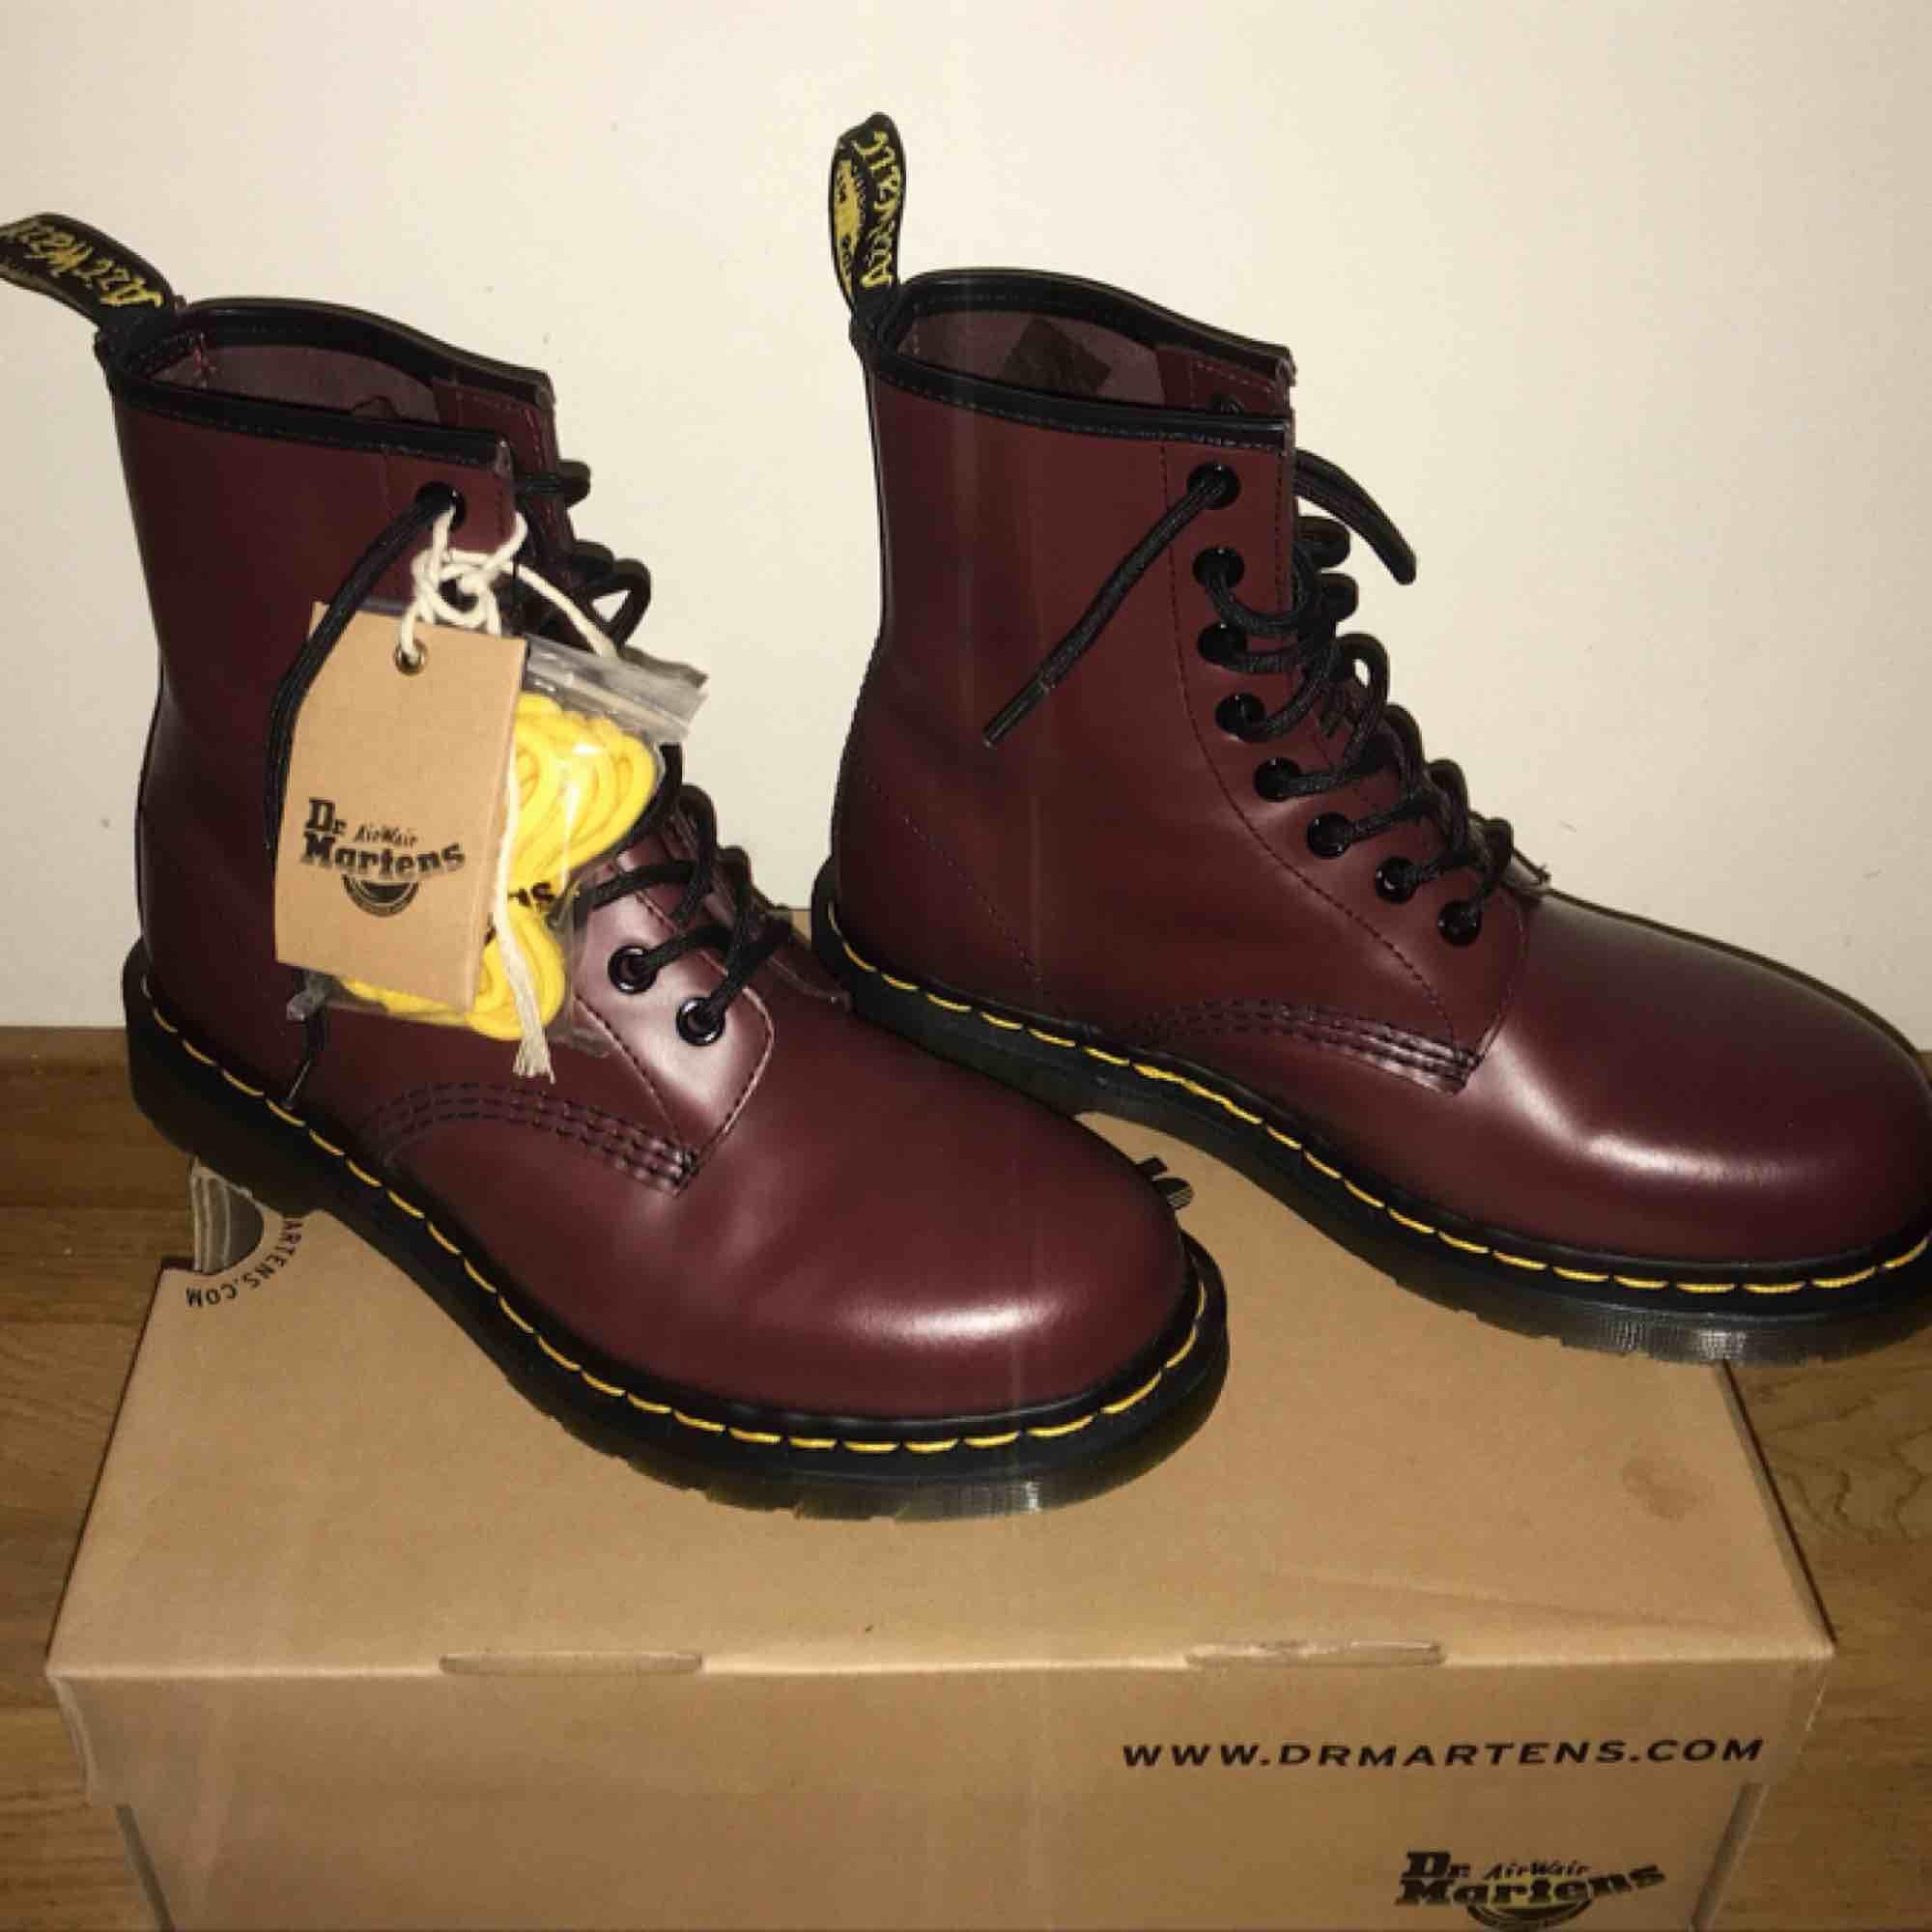 HELT nya vinröda och klassiska Dr. Martens boots!!!Aldrig använda och alla tillbehör finns kvar 🖤                                                  Orginalpris: 1495 kr. Skor.